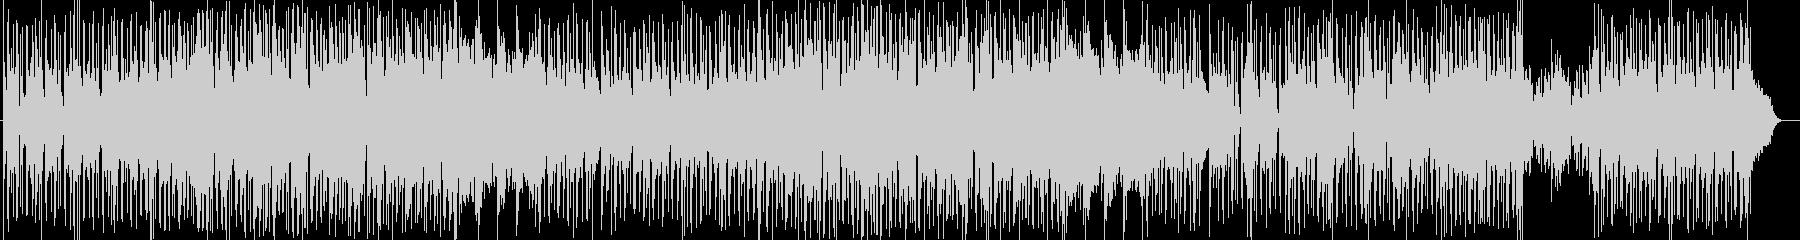 力強いシンセサイザーサウンドの未再生の波形